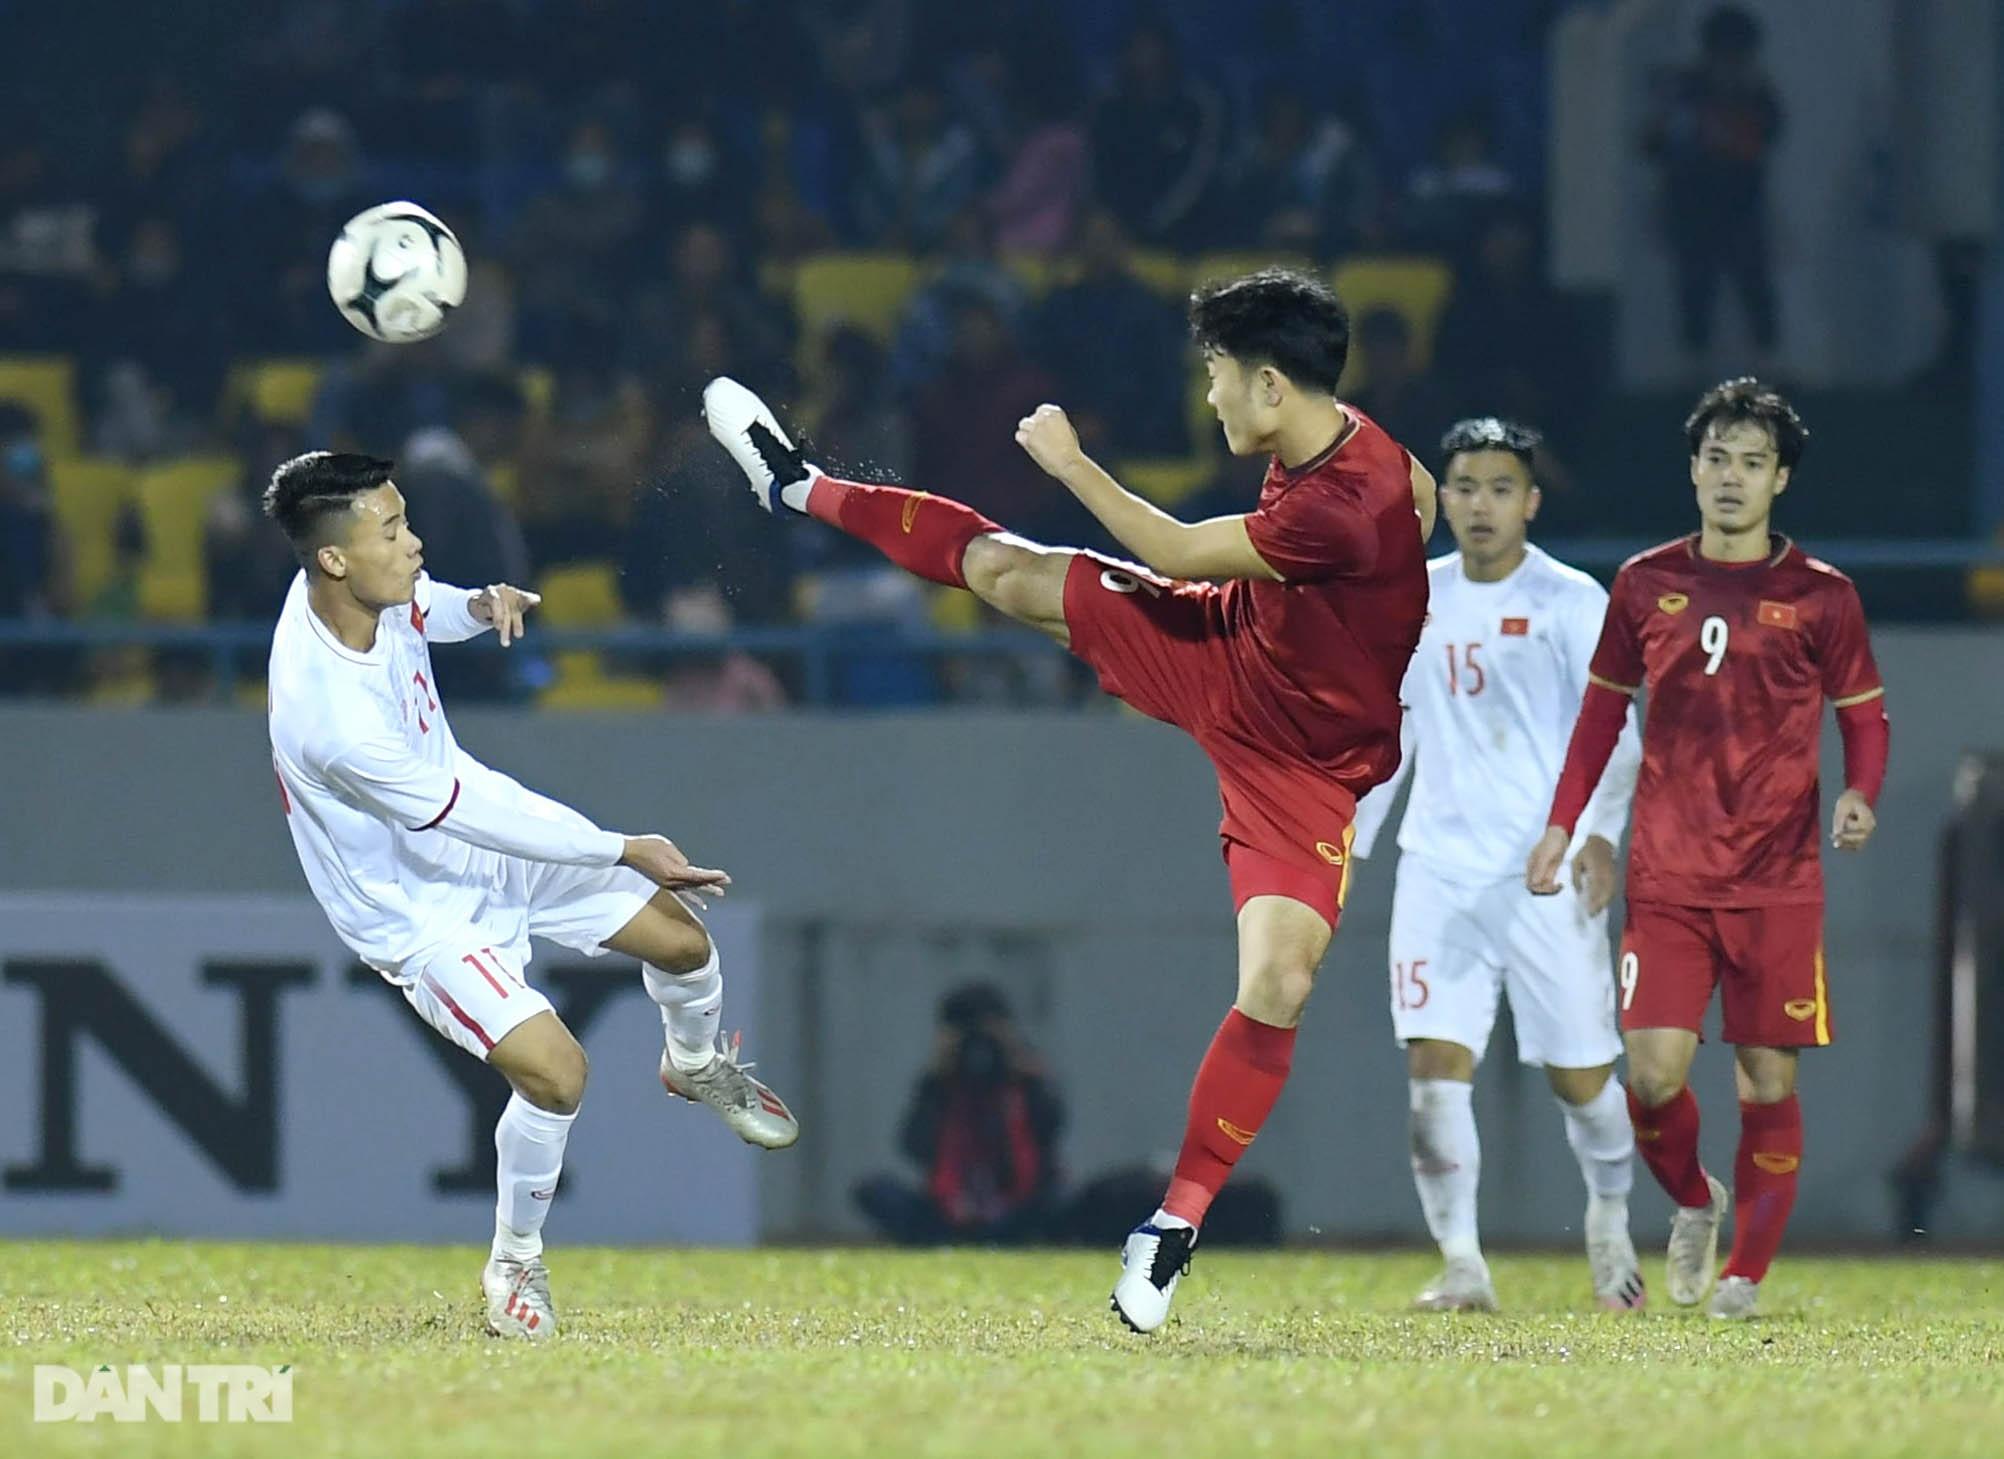 Văn Quyết ghi điểm trong chiến thắng của tuyển Việt Nam trước đàn em U22 - 15